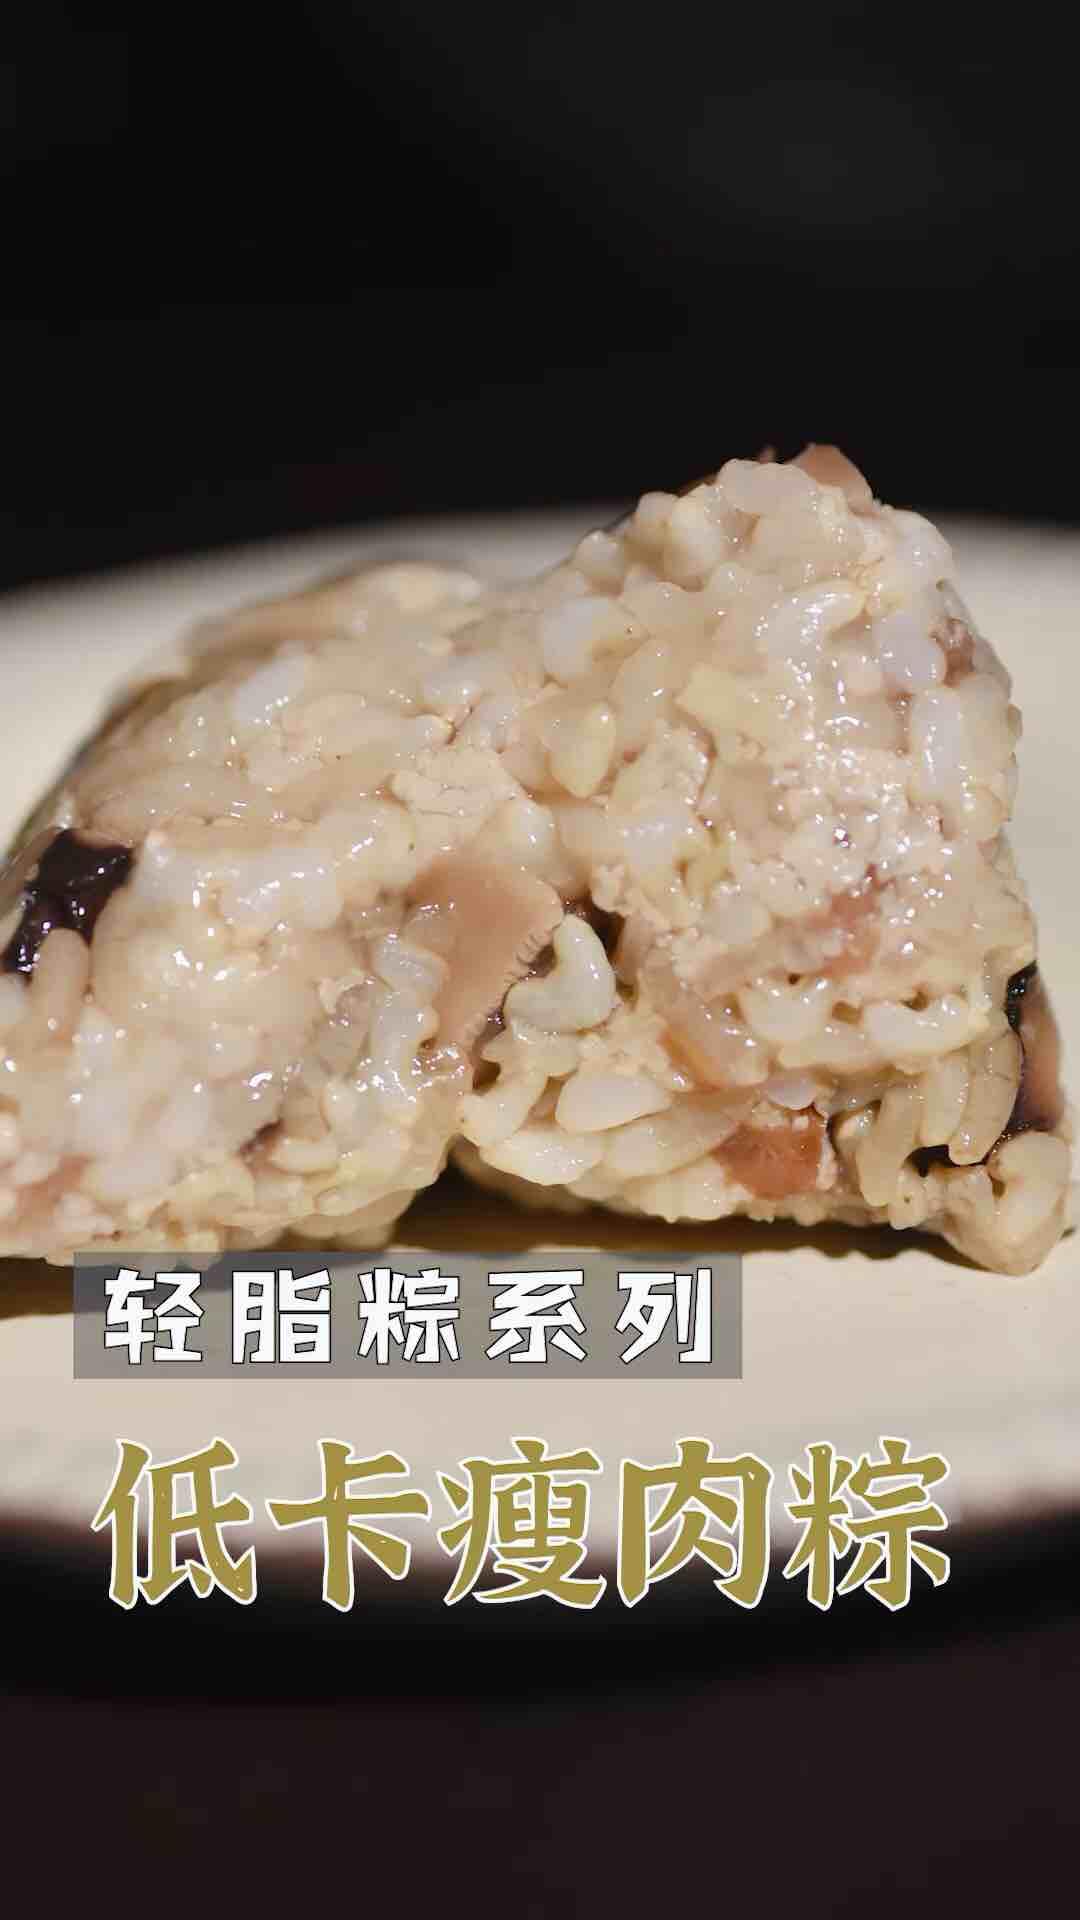 端午节轻脂粽系列   低卡瘦肉粽